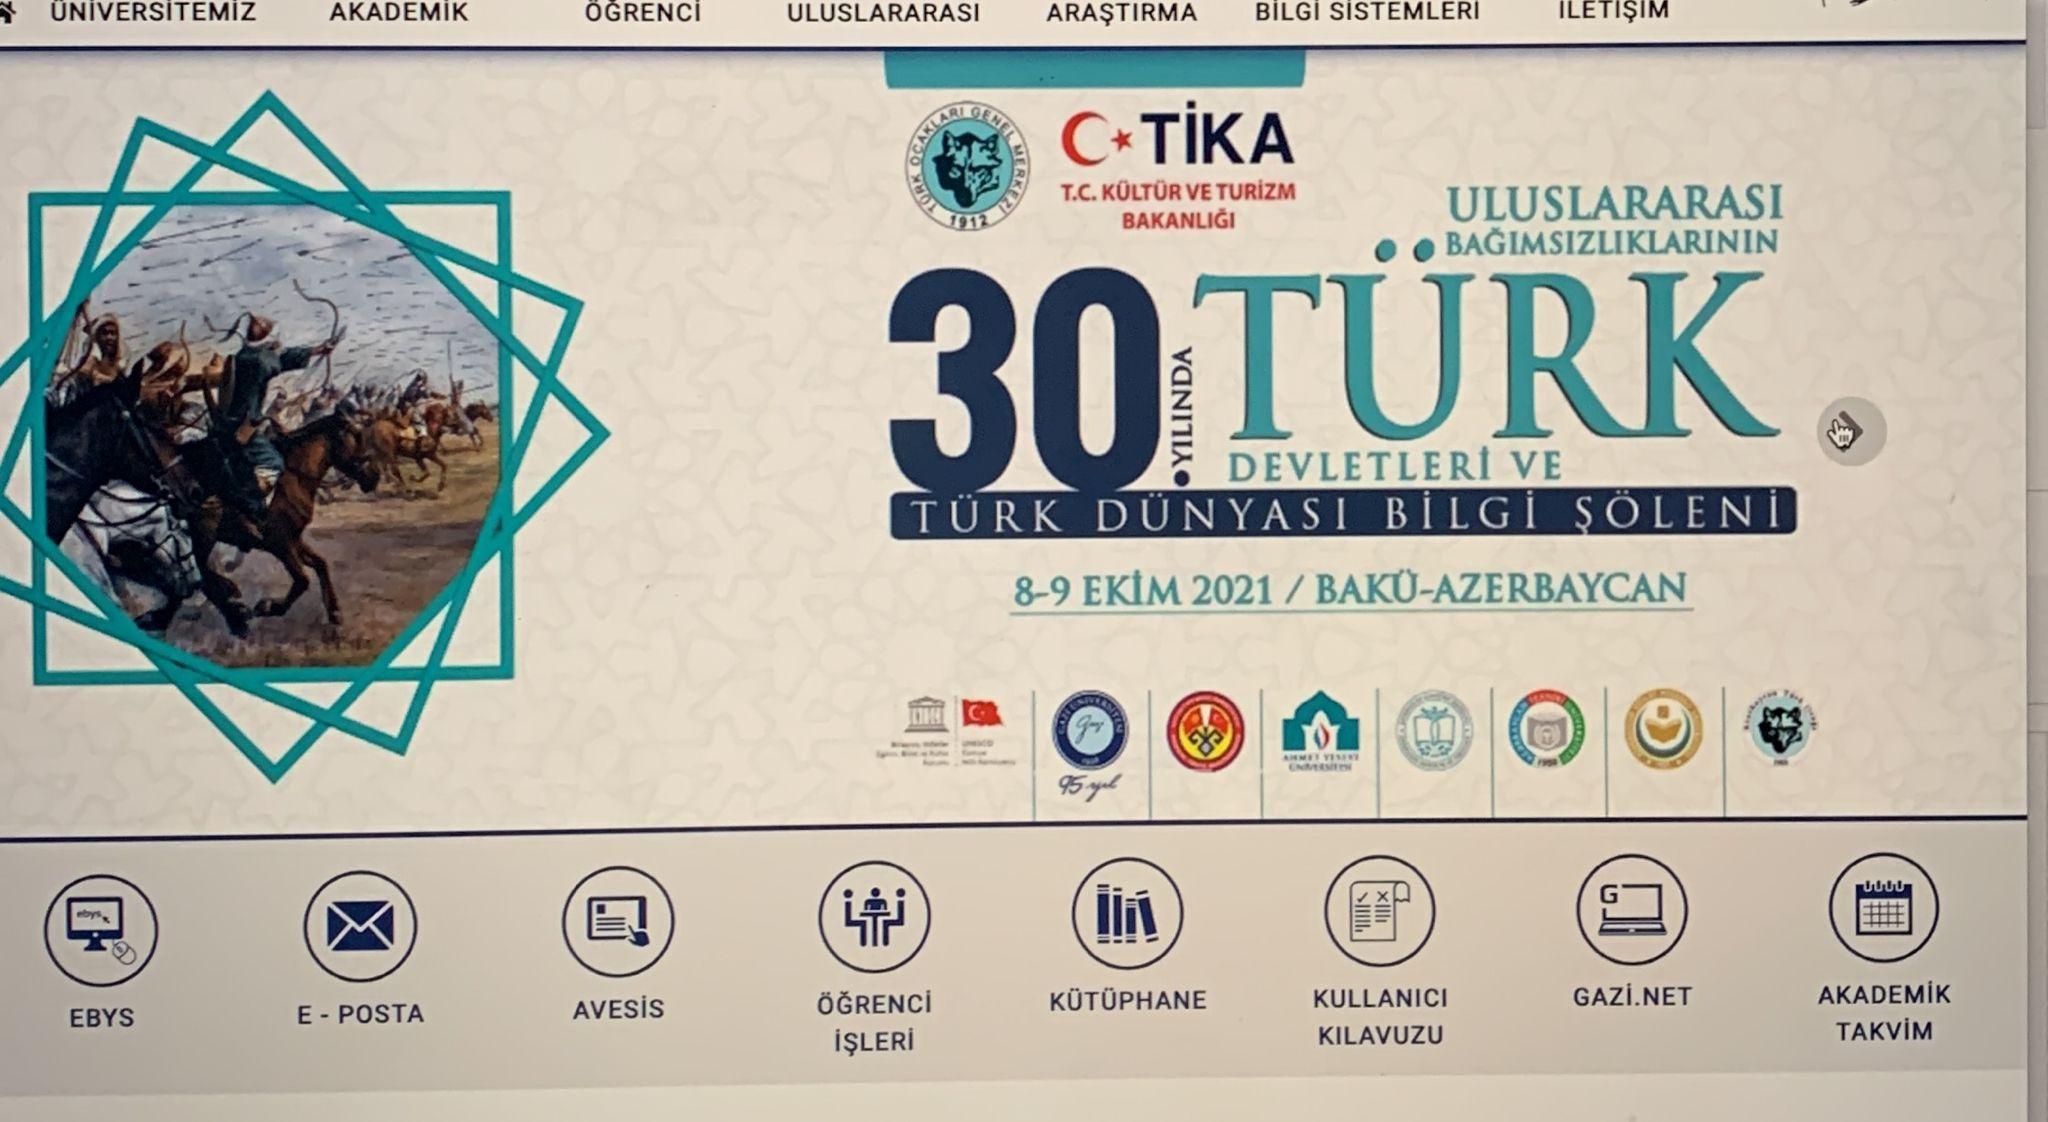 Gazi Üniversitesi | Bağımsızlıklarının 30. Yılında Türk Devletleri ve Türk Dünyası Uluslararası Bilgi Şöleni Bakü'de Yapıldı